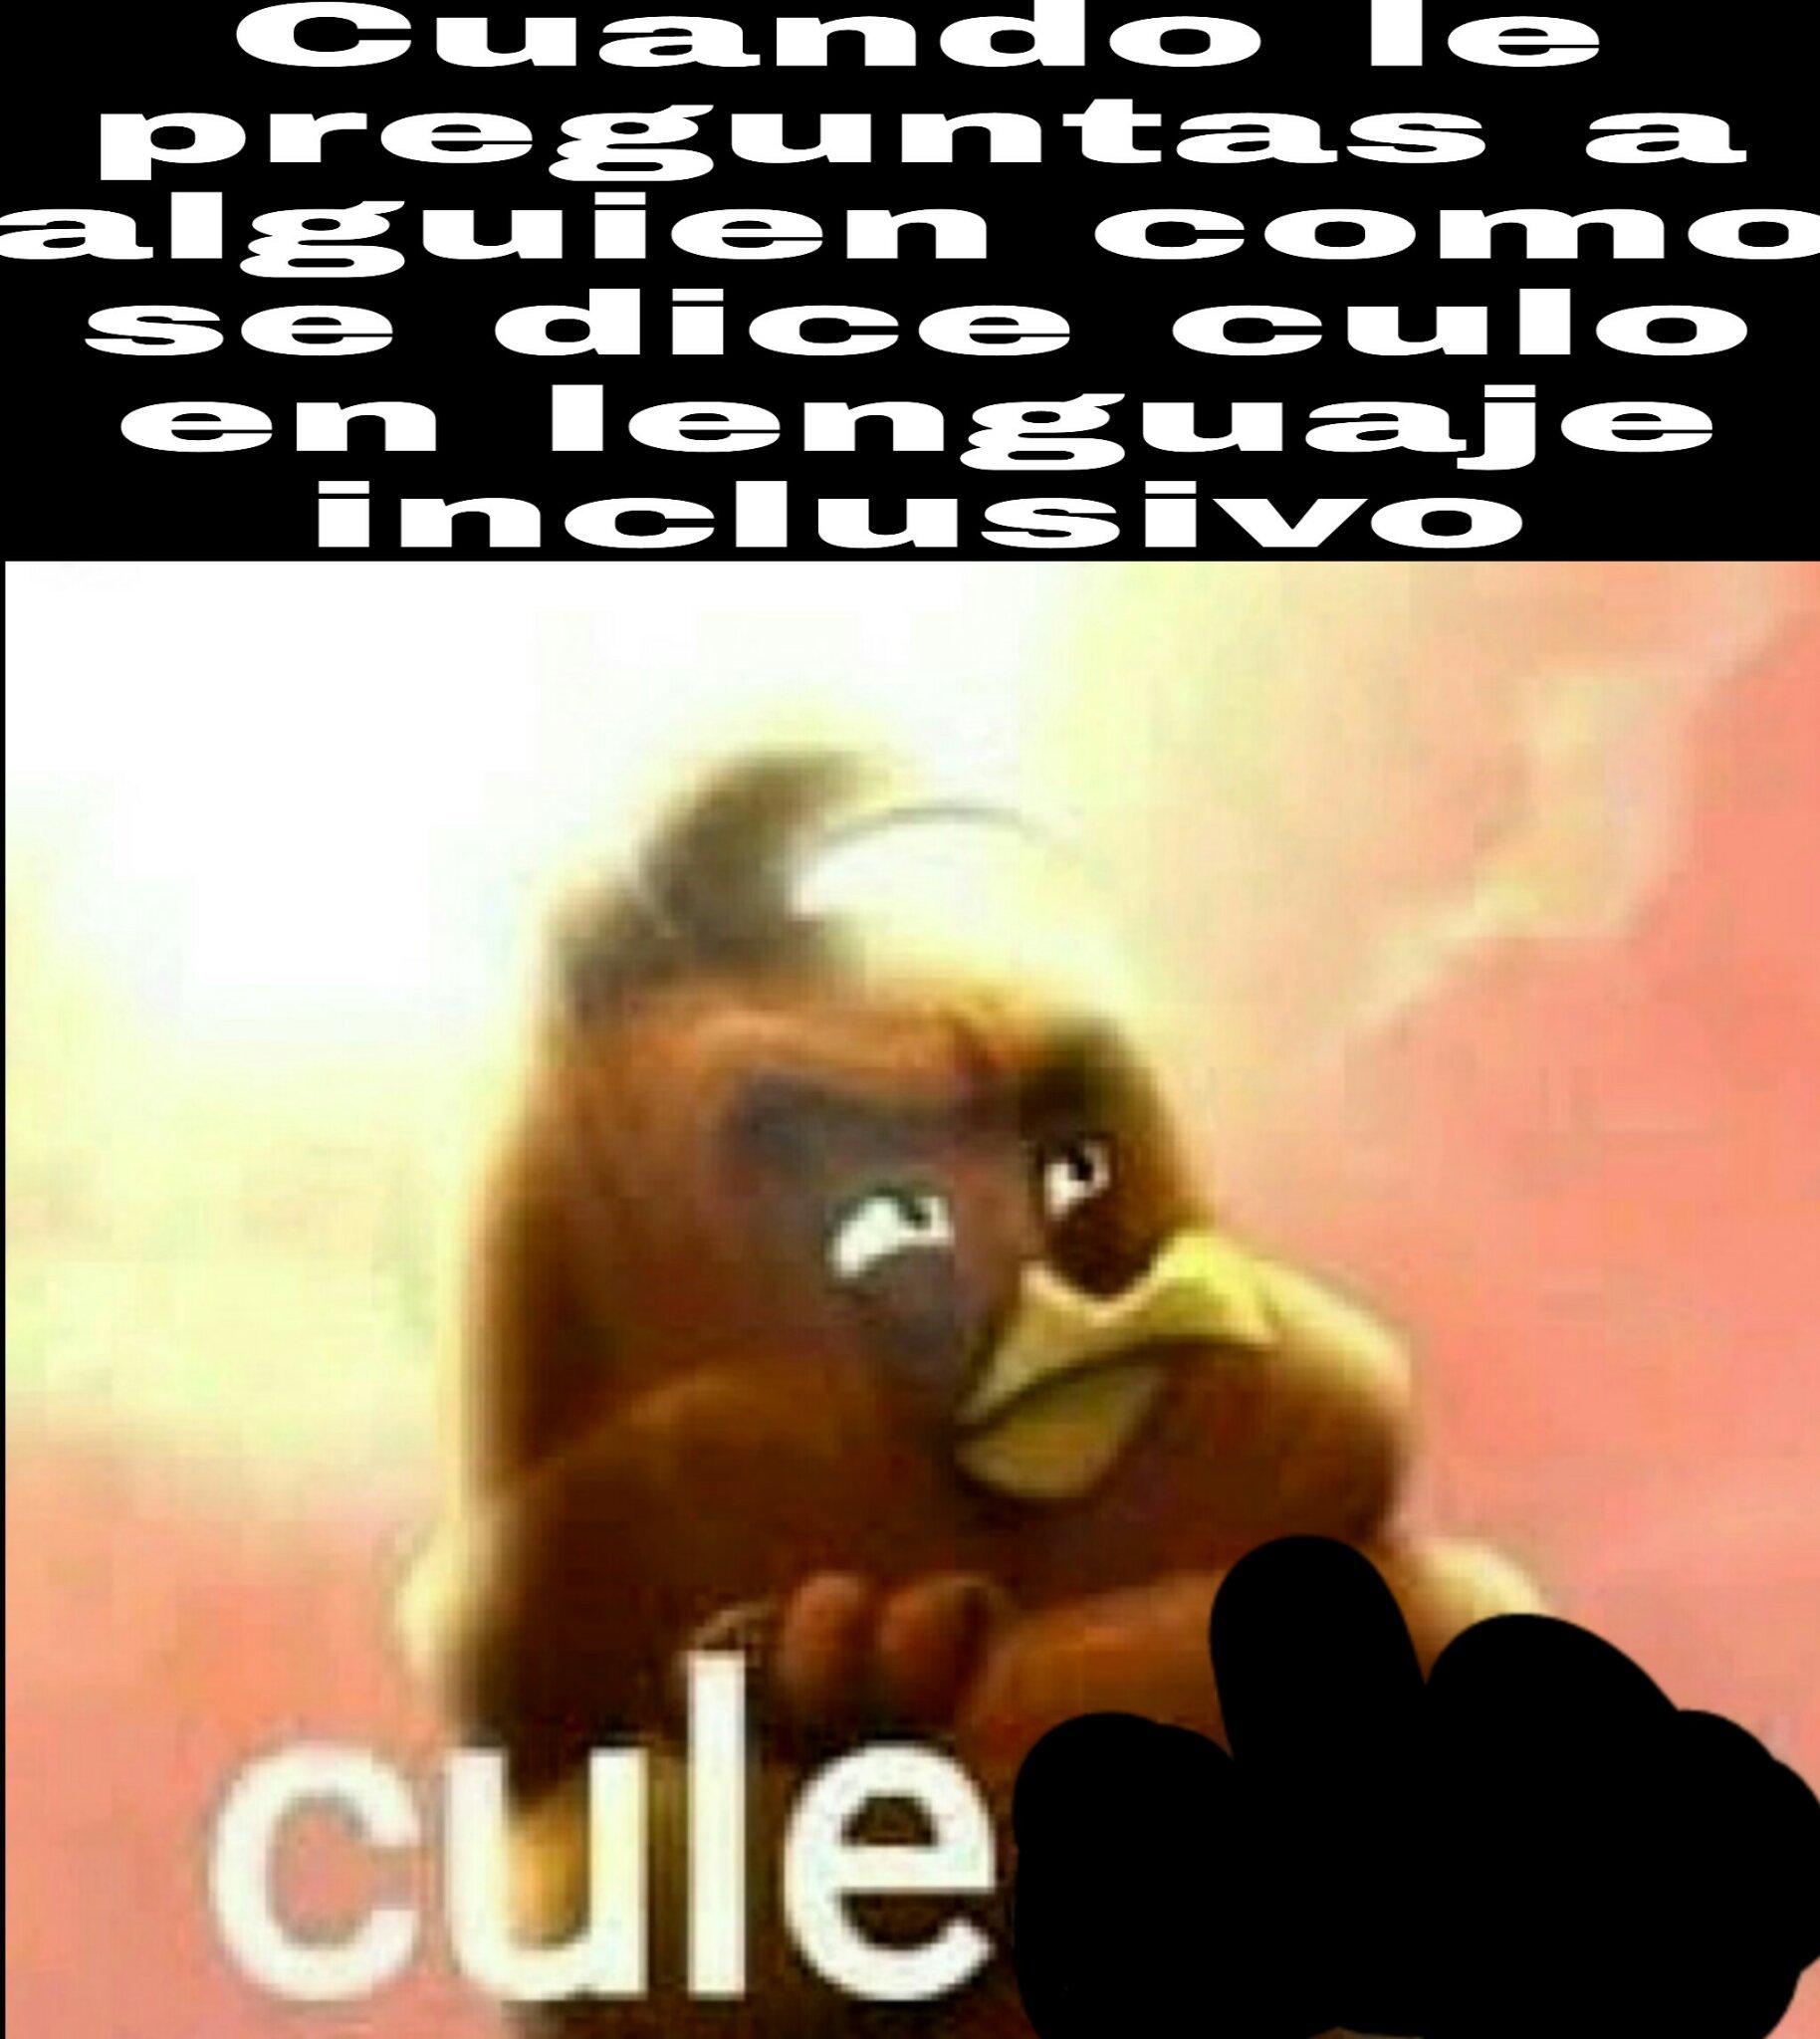 Cule ._.XD - meme